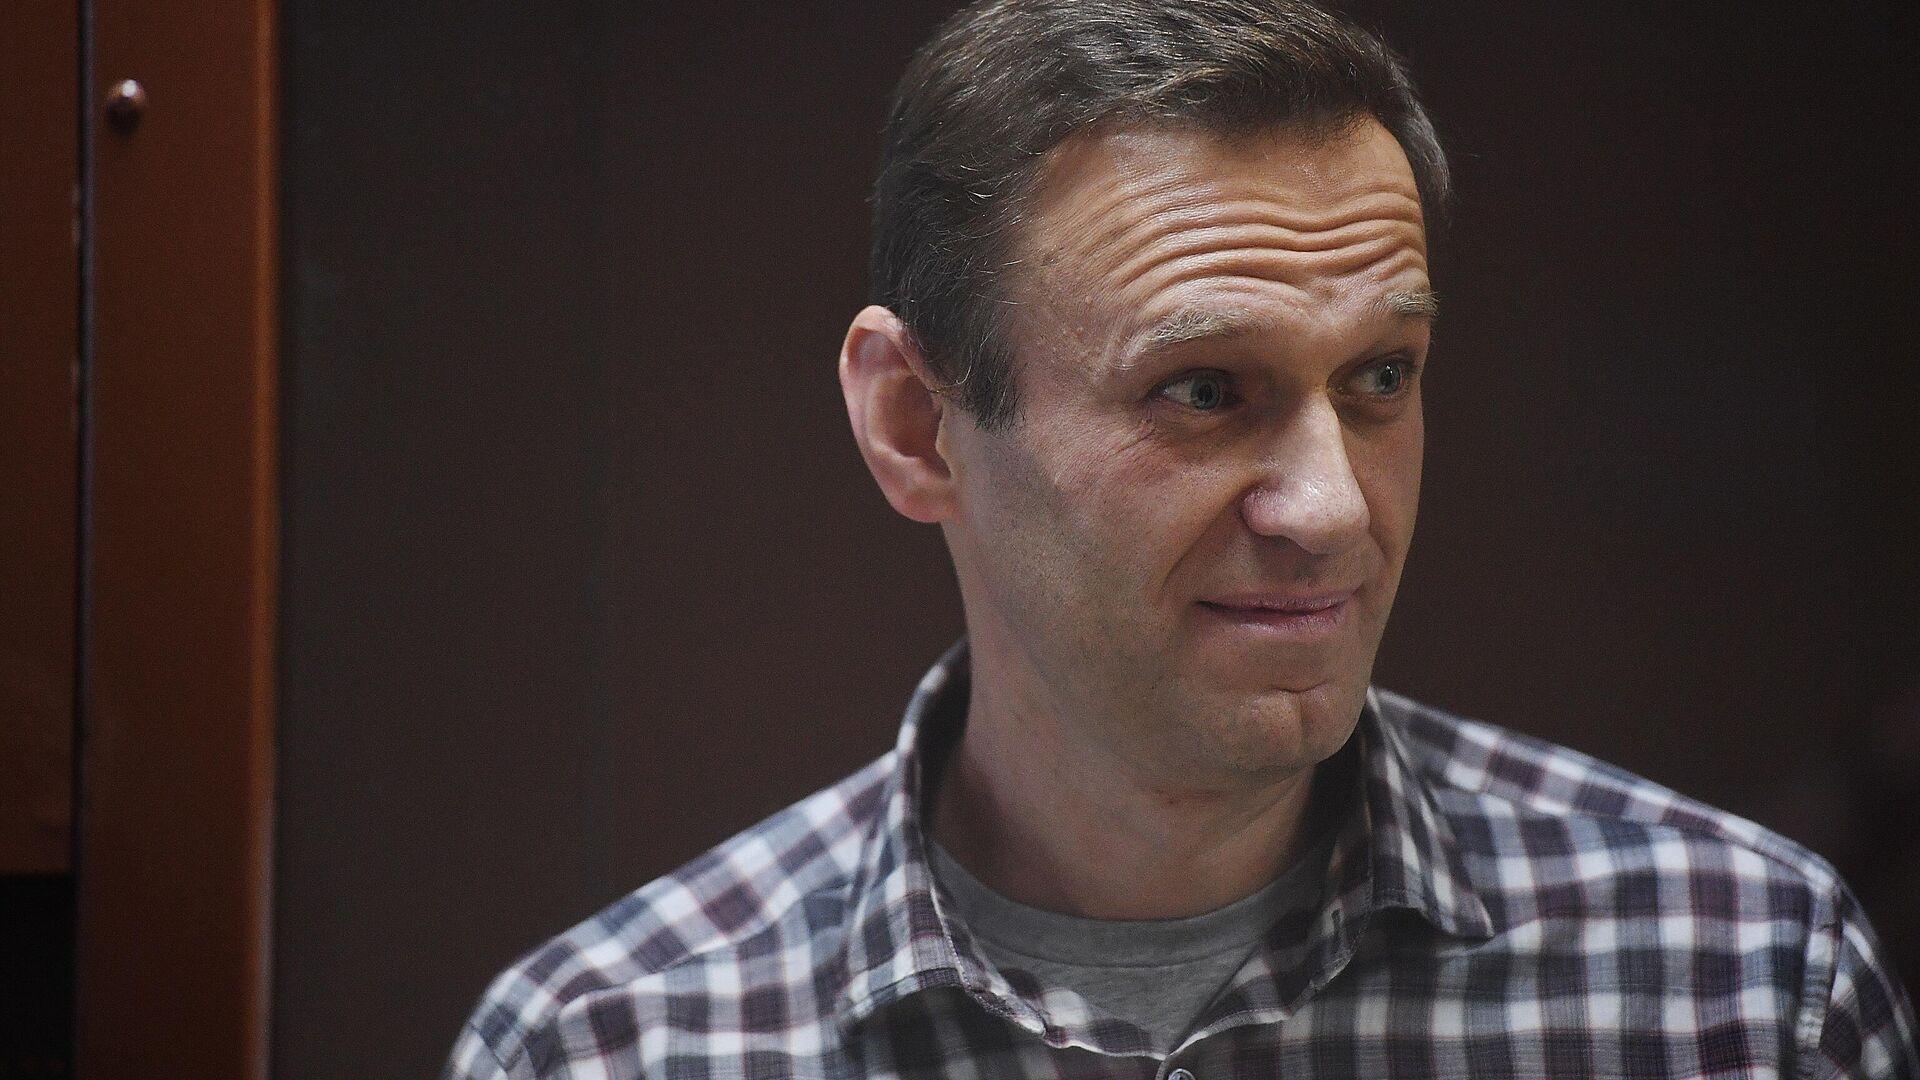 Суд отклонил иск Навального к Генпрокуратуре по блокировке YouTube-канала